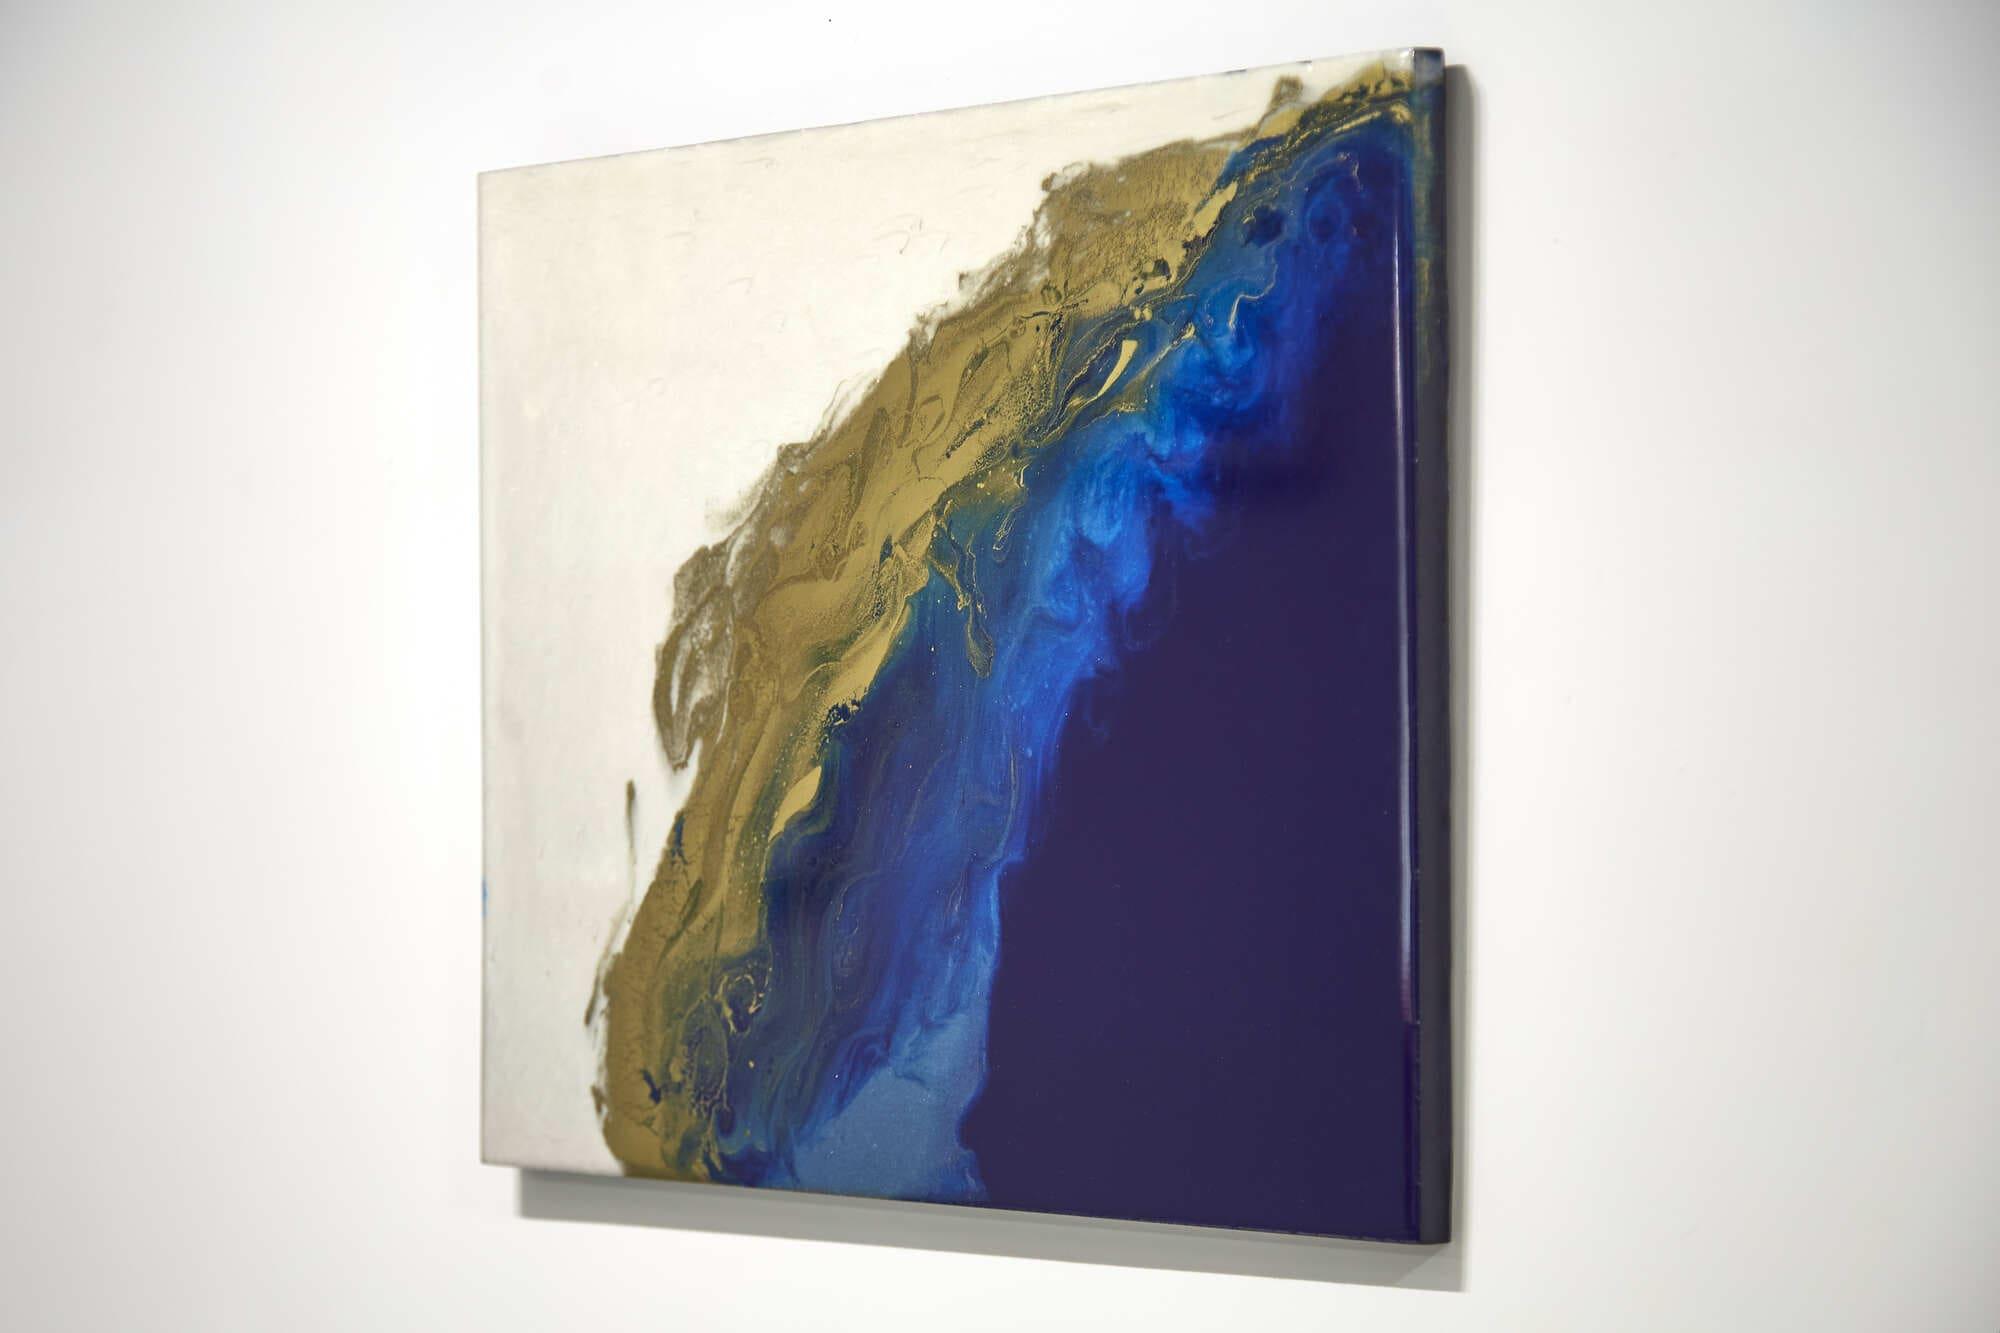 Quadro Decorativo Abstrato Mar Azul